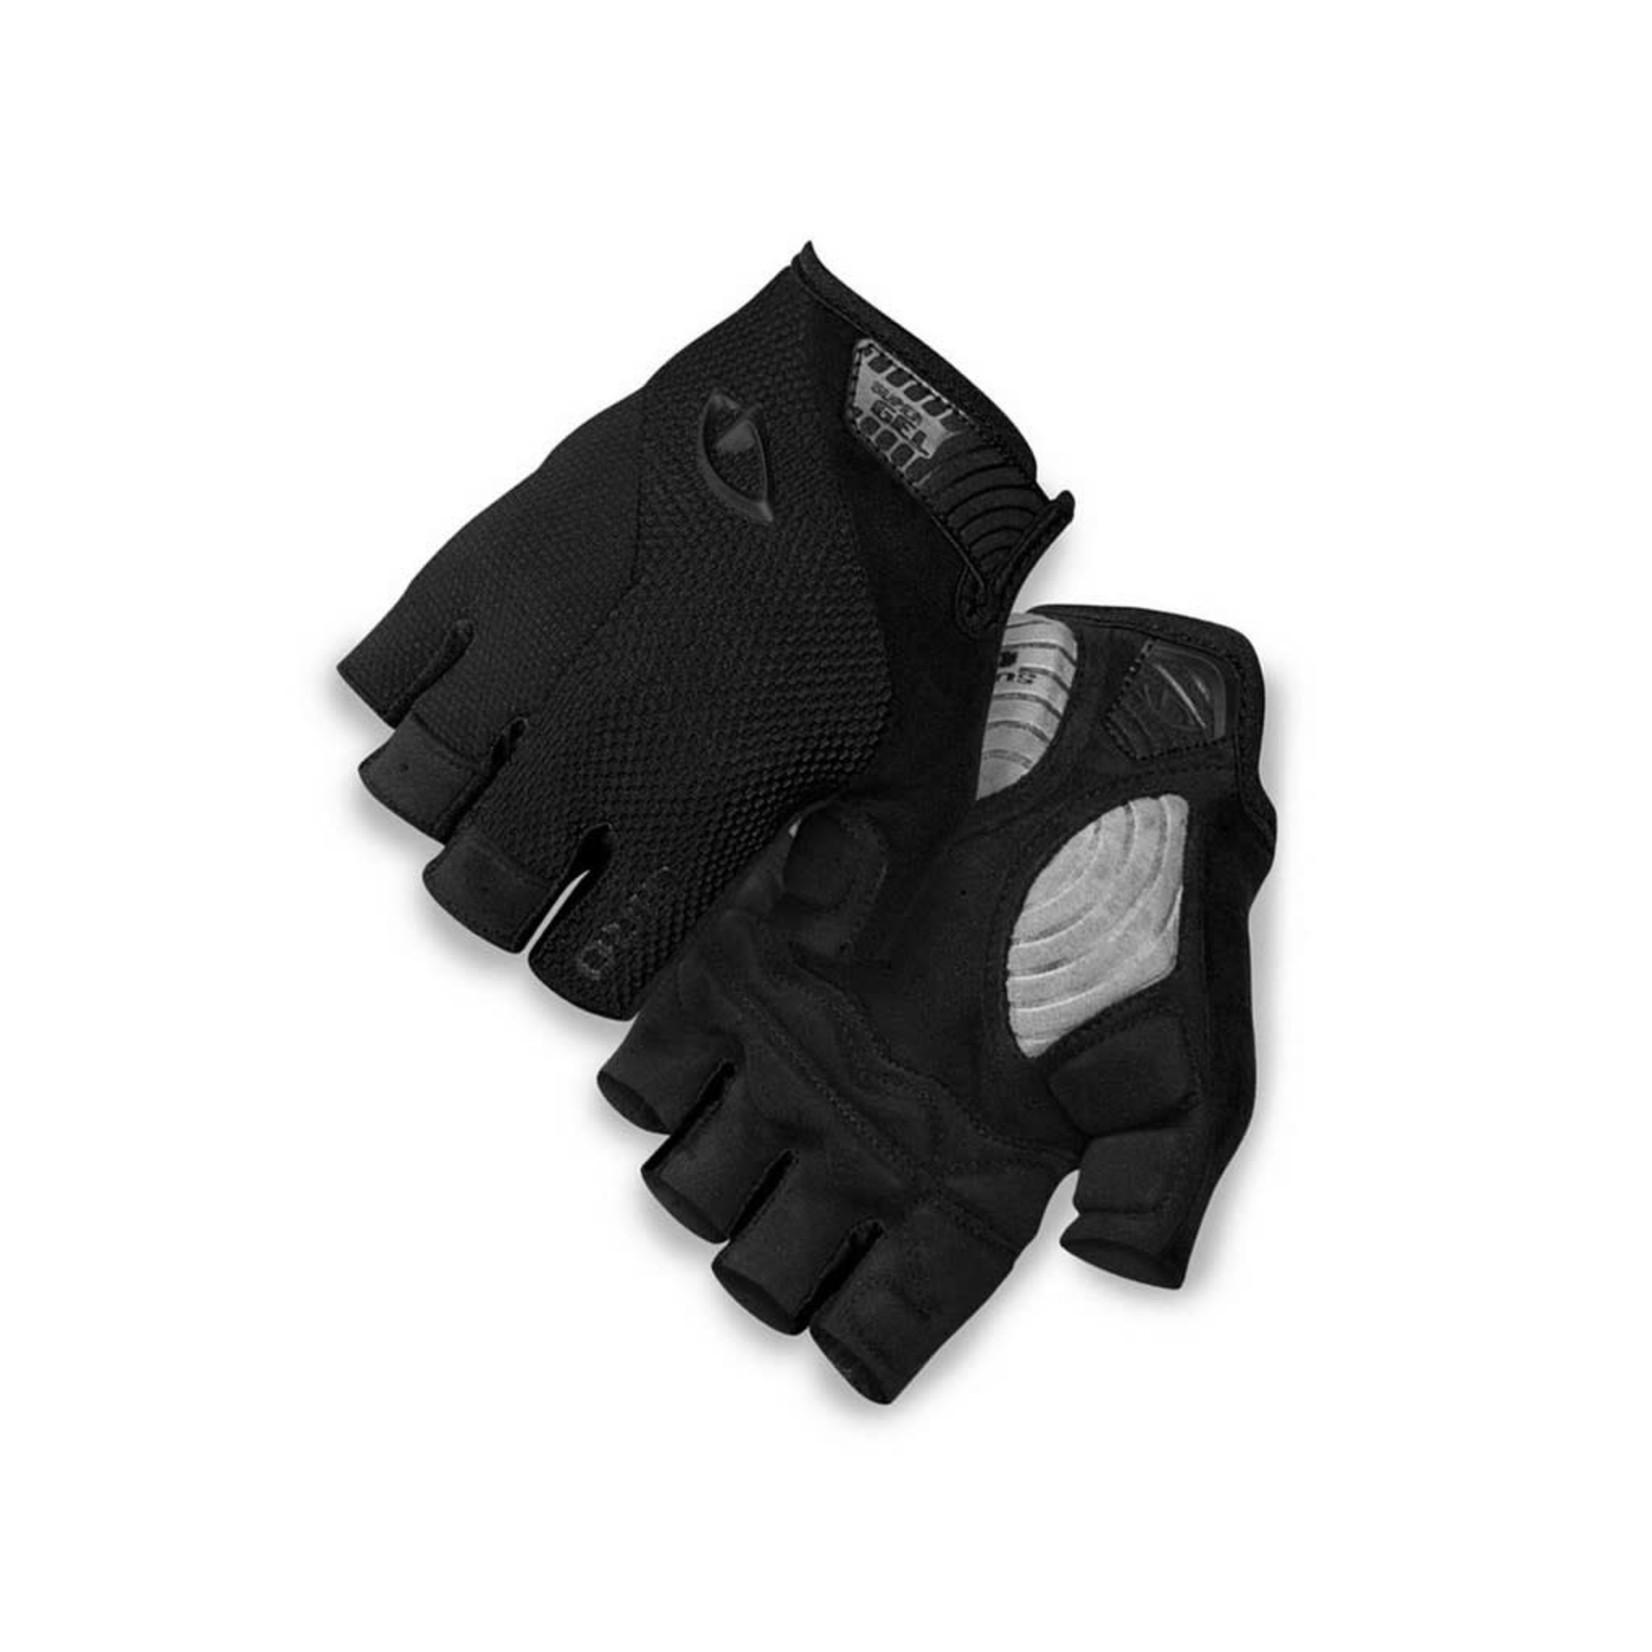 GIRO Gloves Giro Stradedure Supergel Black